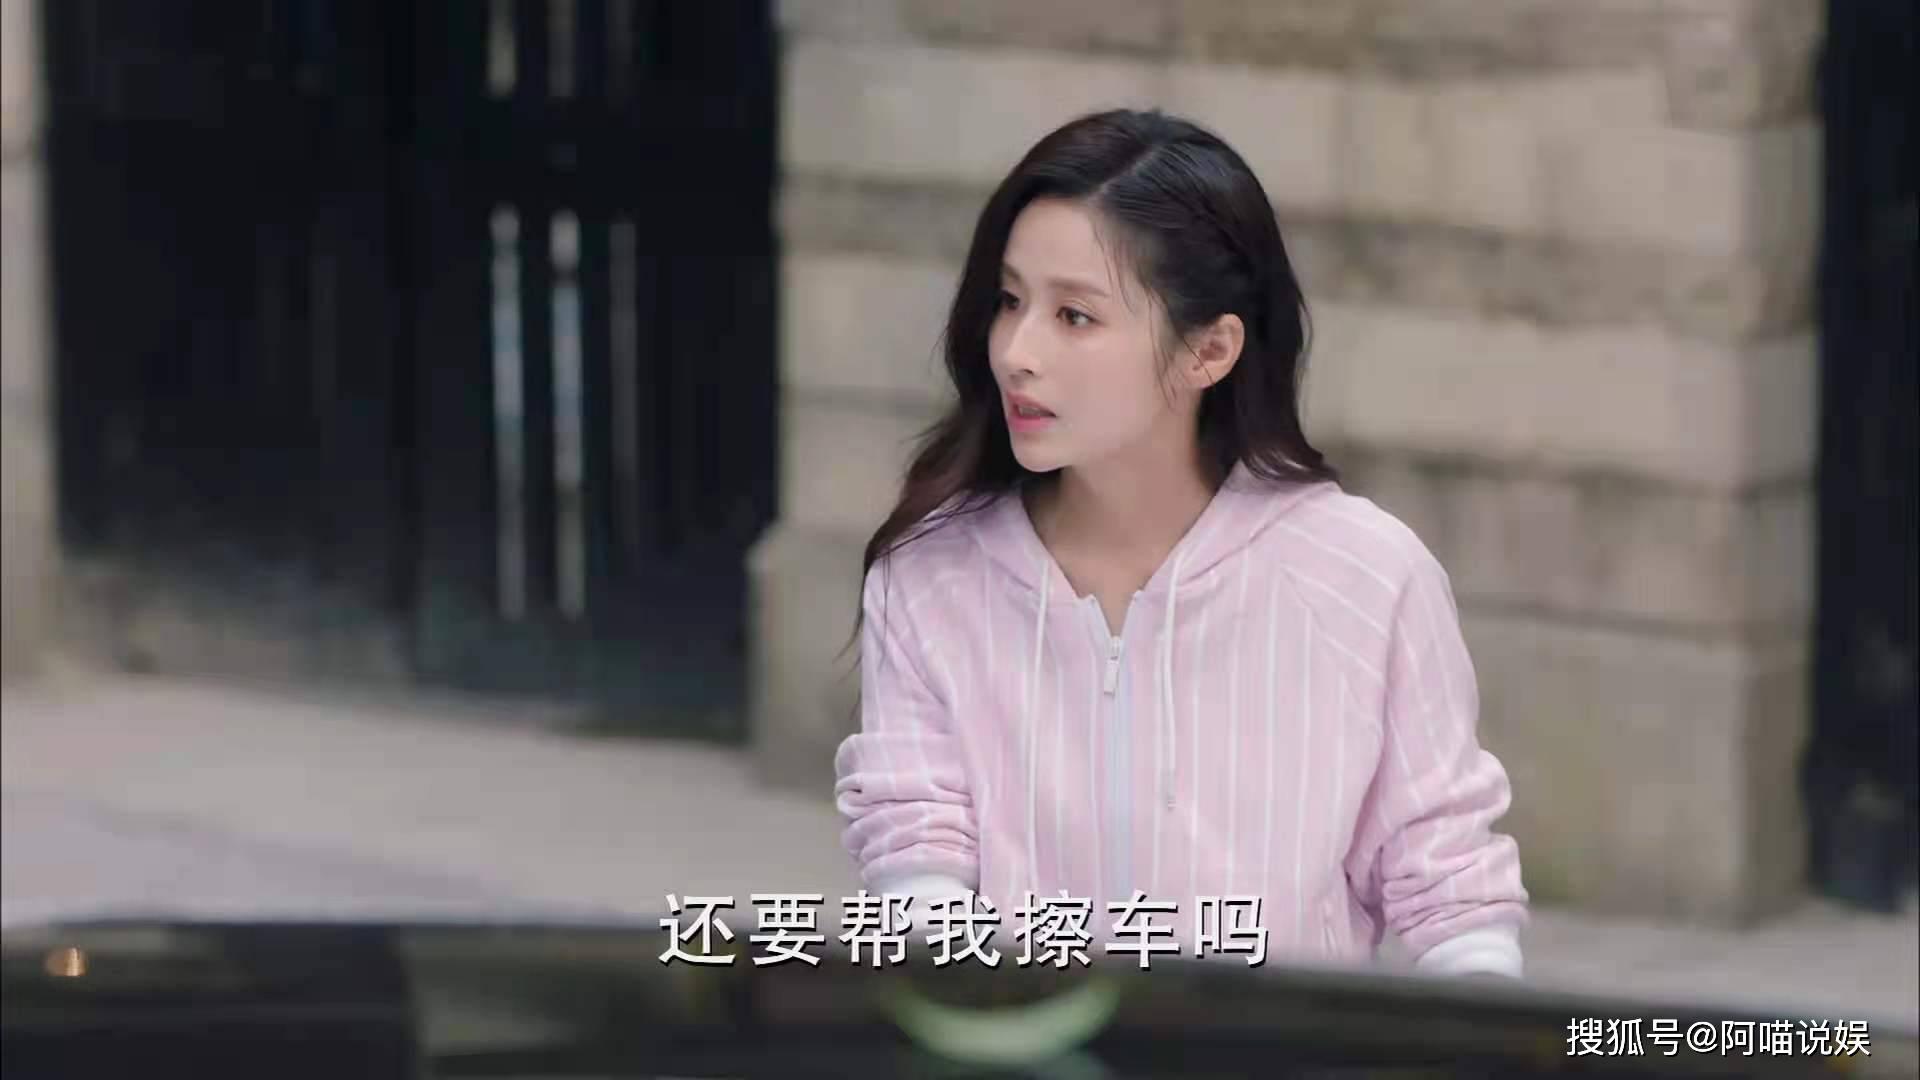 [电视新闻]陪你一起长大:林芸芸没那么可恨,沈晓燕也没那么可怜